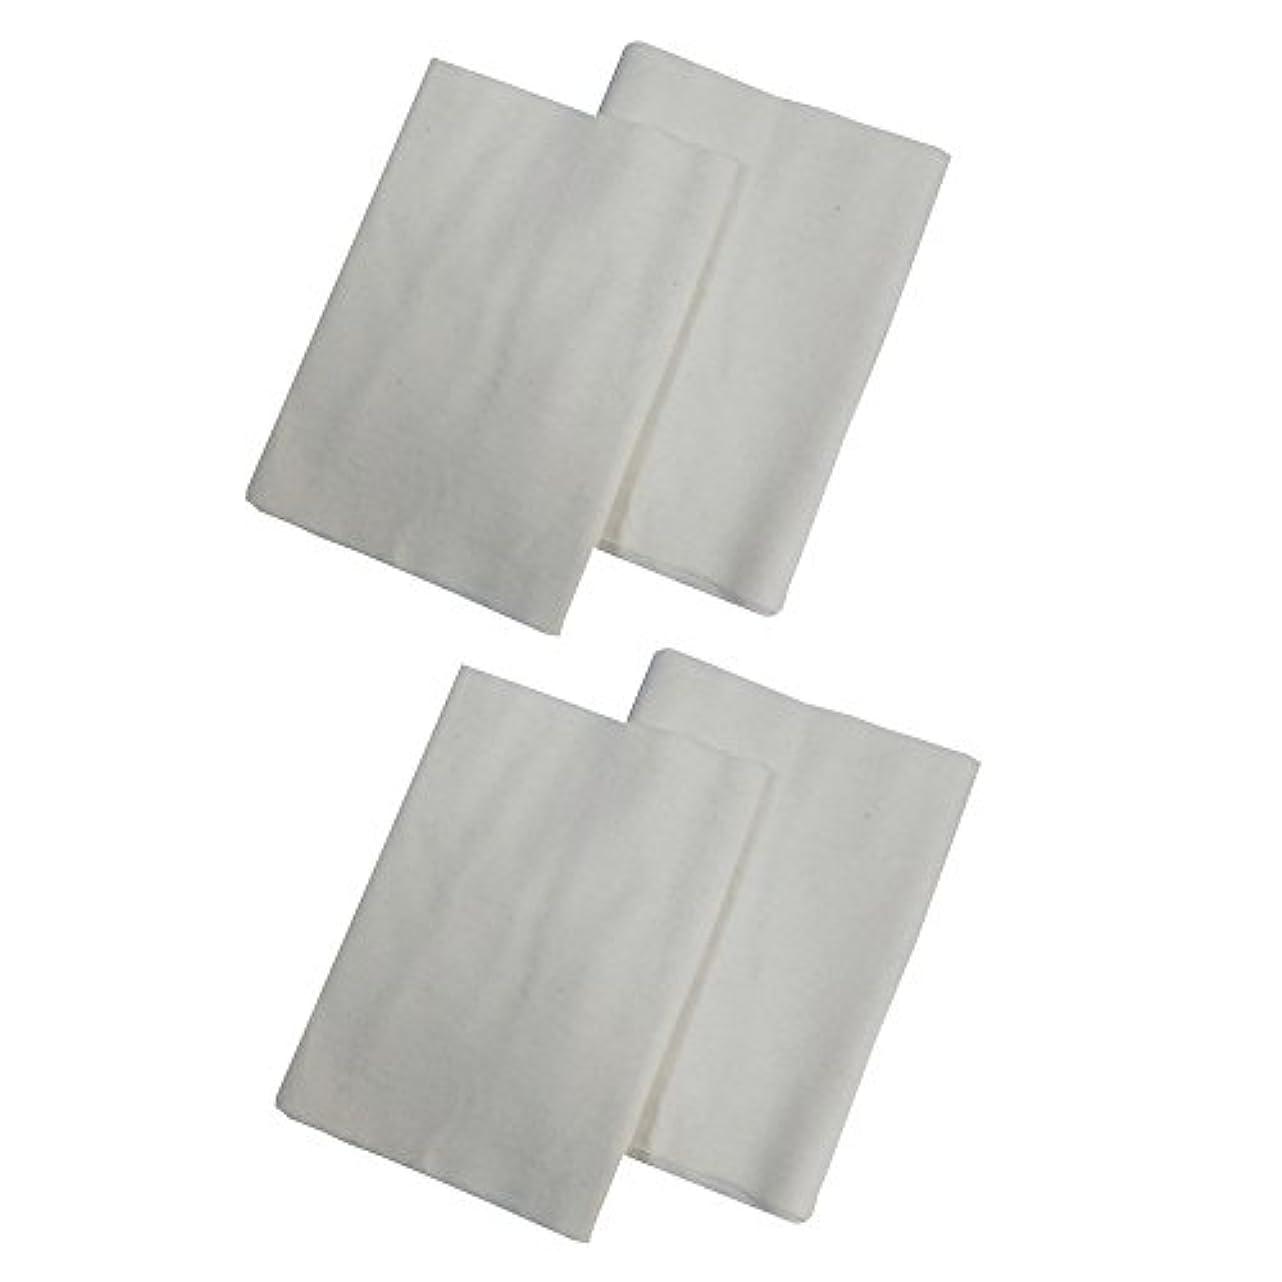 レーダー苛性記念コットンフランネル4枚組(ヒマシ油用) 無添加 無漂白 平織 両面起毛フランネル生成